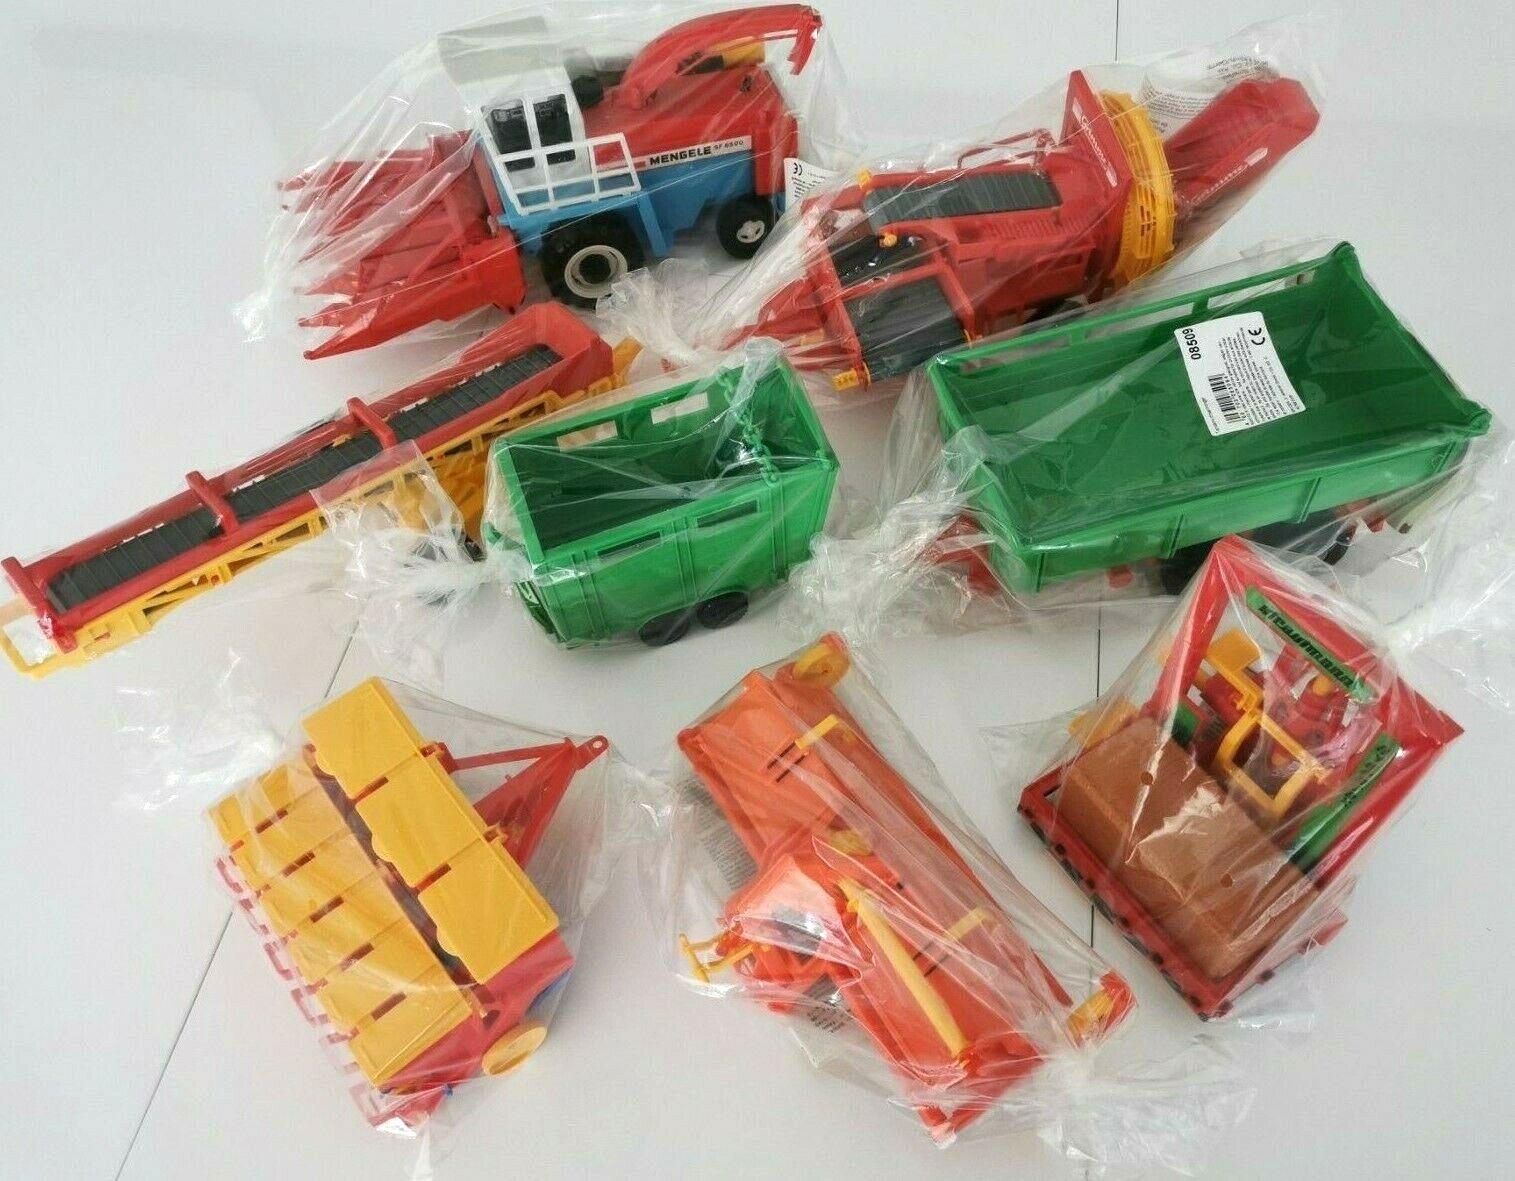 Bruder Raritäten Sammler Anhänger Zubehör Traktor Raritäten Modell Auto Bagger